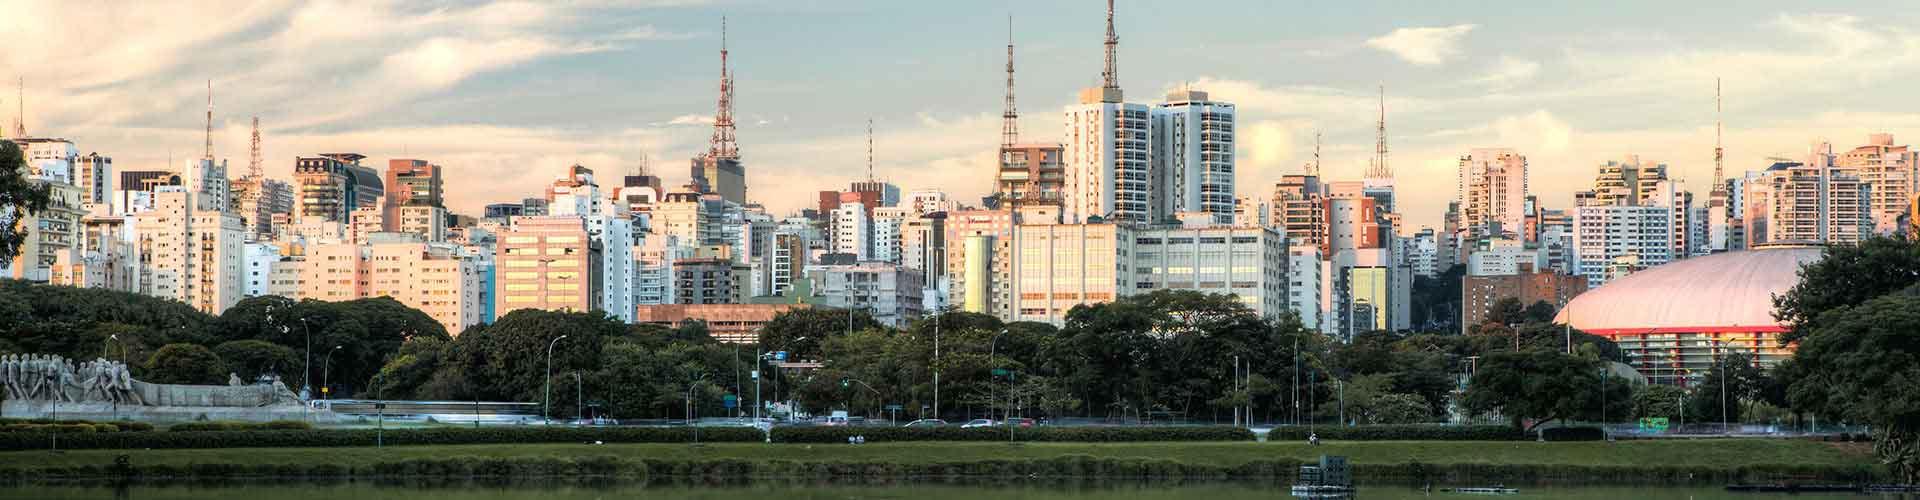 Sao Paulo - Apartments nahe Flughafen São Paulo Congonhas. Sao Paulo auf der Karte. Fotos und Bewertungen für jedes Apartment in Sao Paulo.